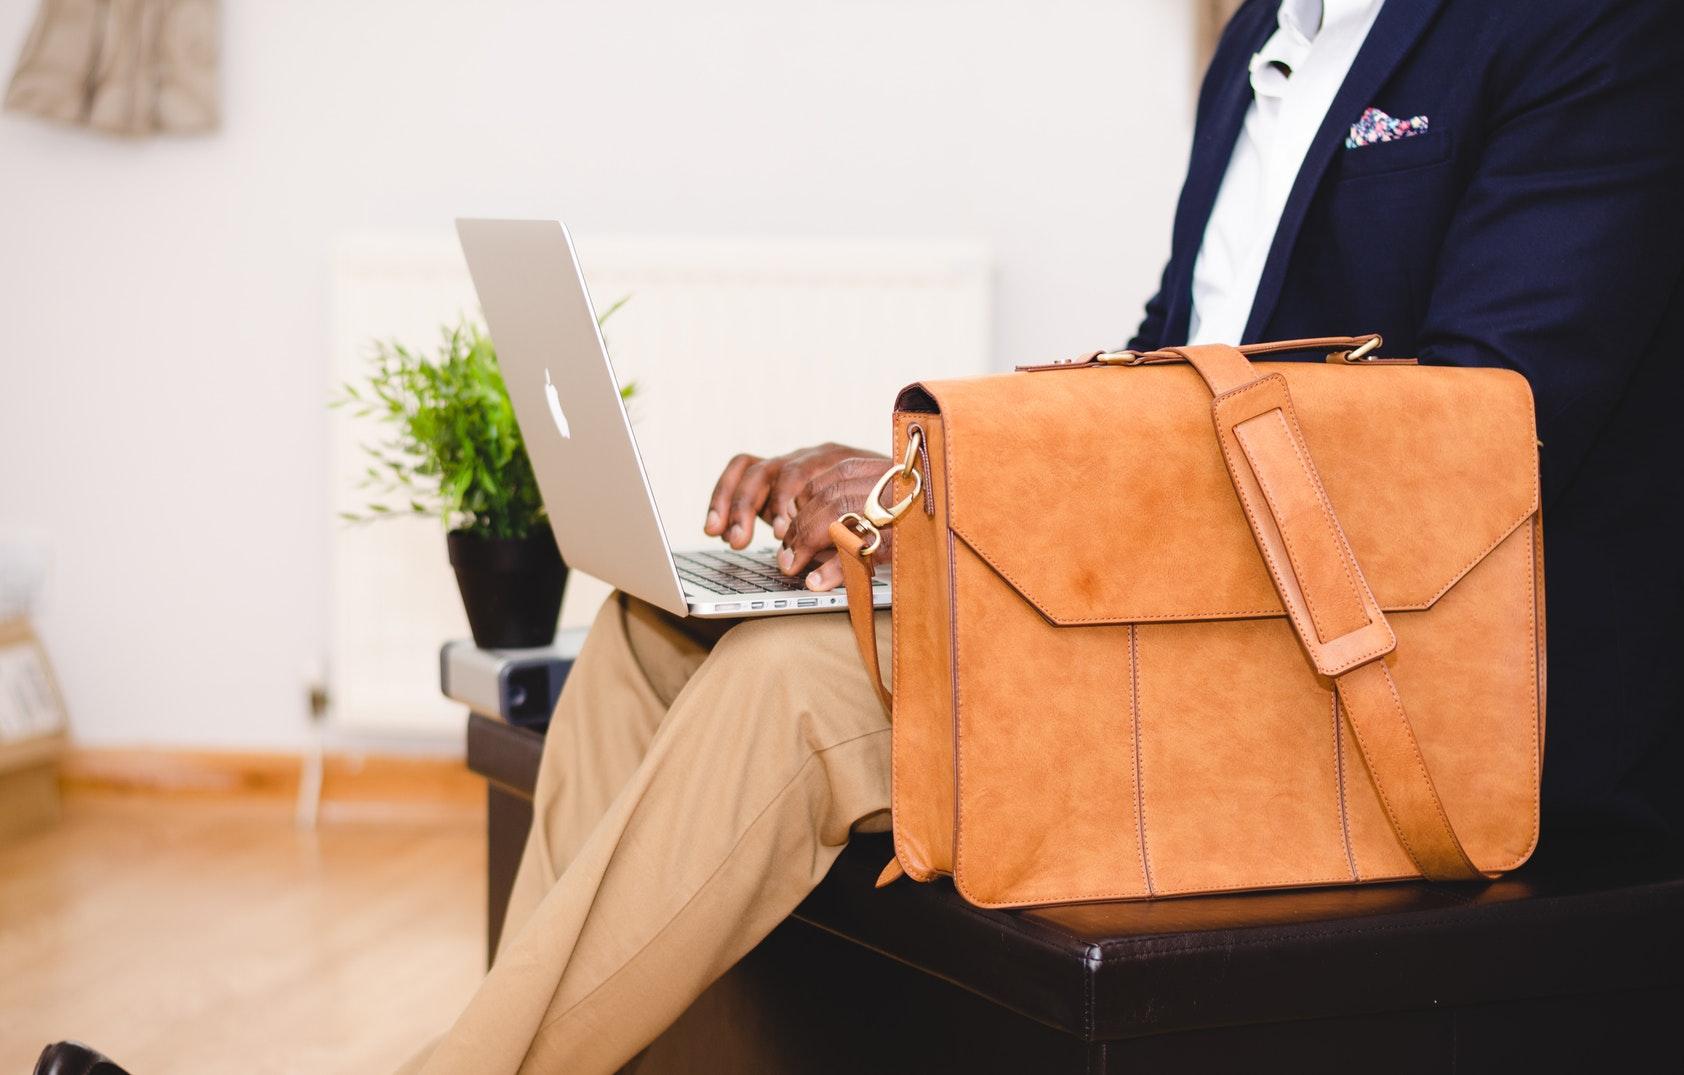 Laptop and bag.jpeg